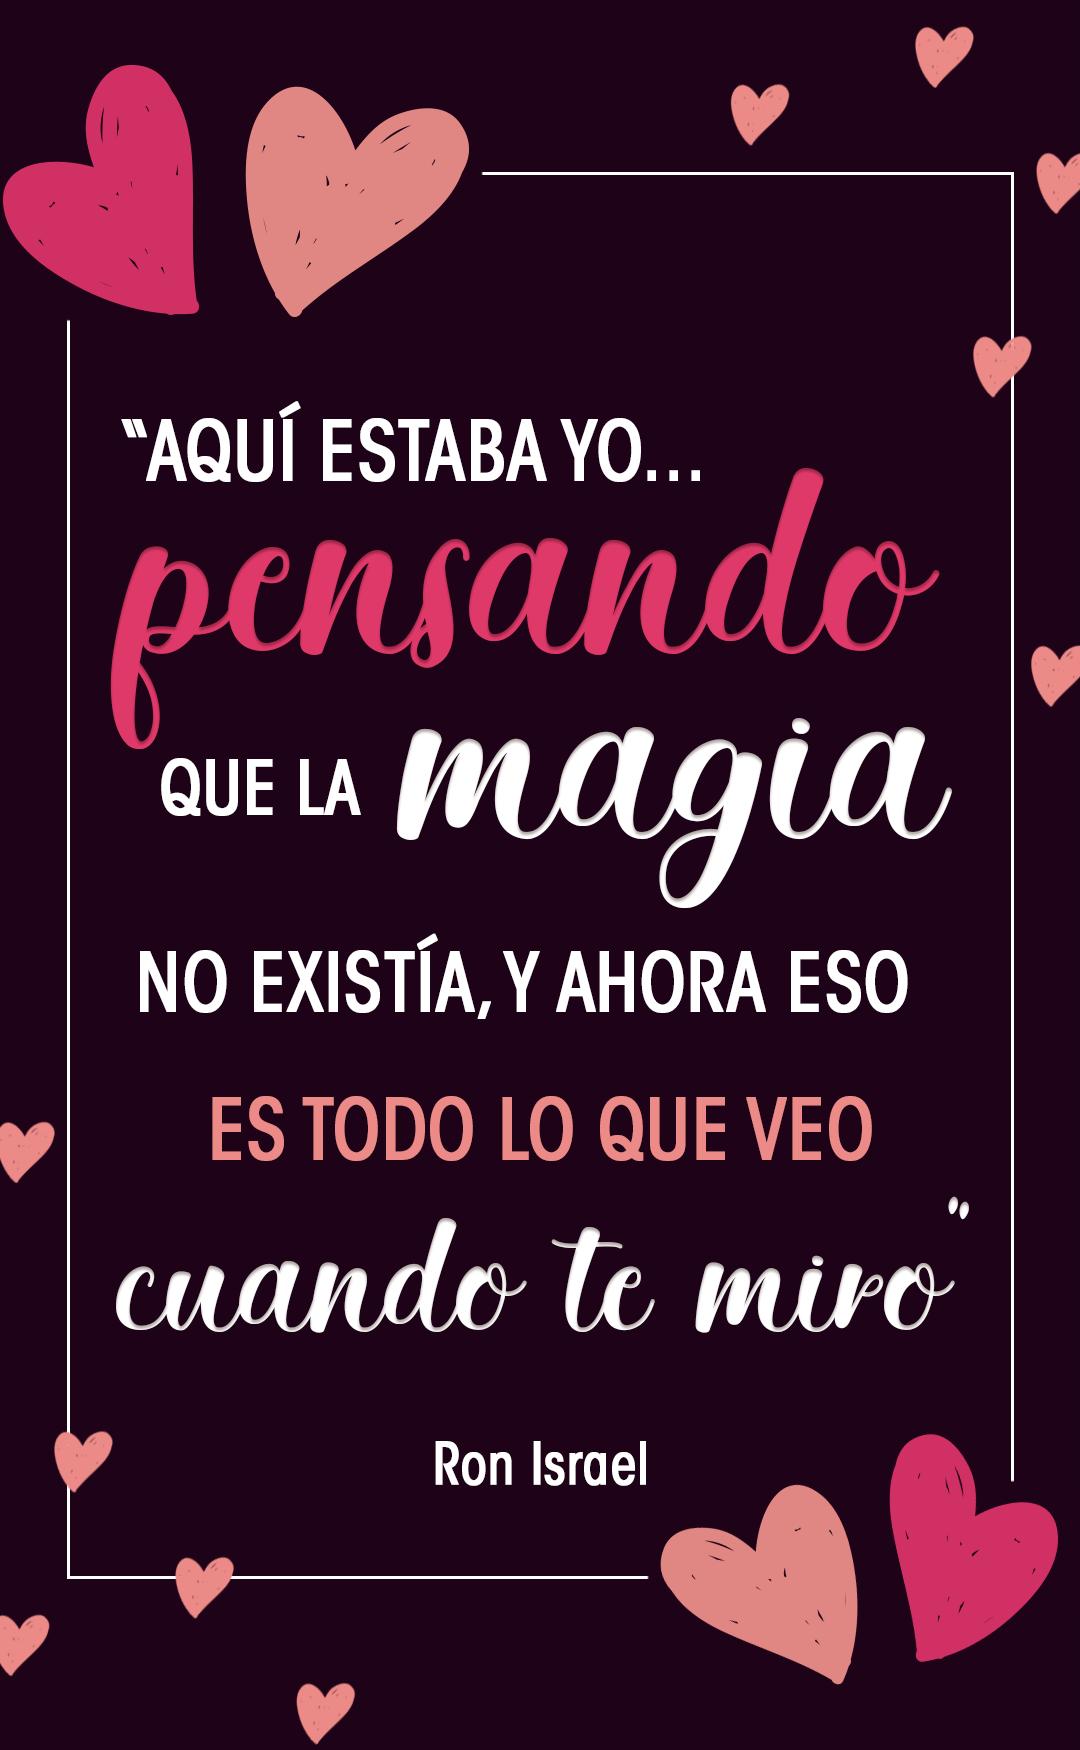 27 Frases De Amor Que Puedes Dedicar En Whatsapp Frases De Amor Perfecto Frases De Amor Frases Love